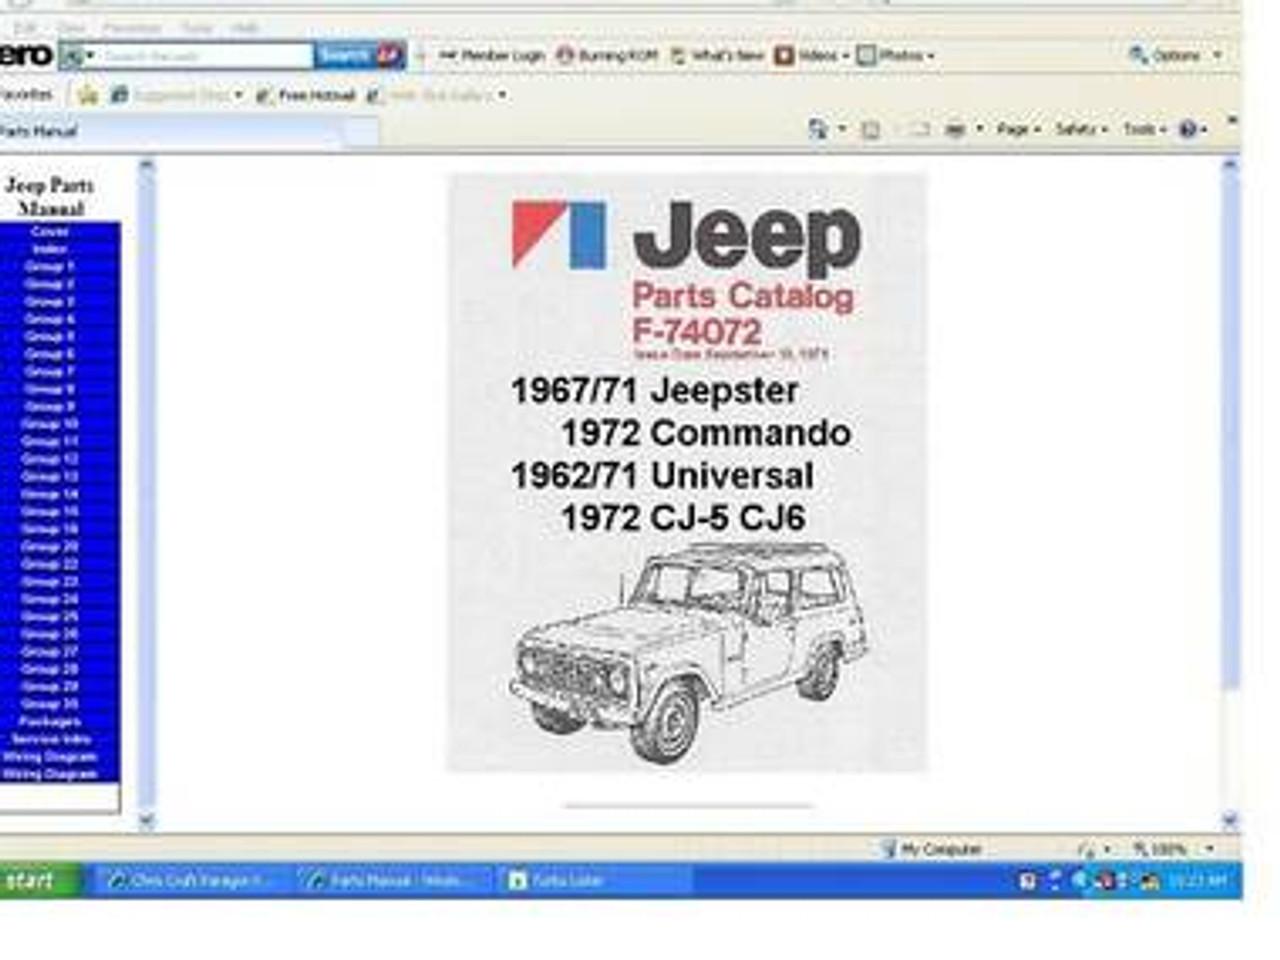 Jeep Tj Wrangler Factory Service Repair Manual 1997